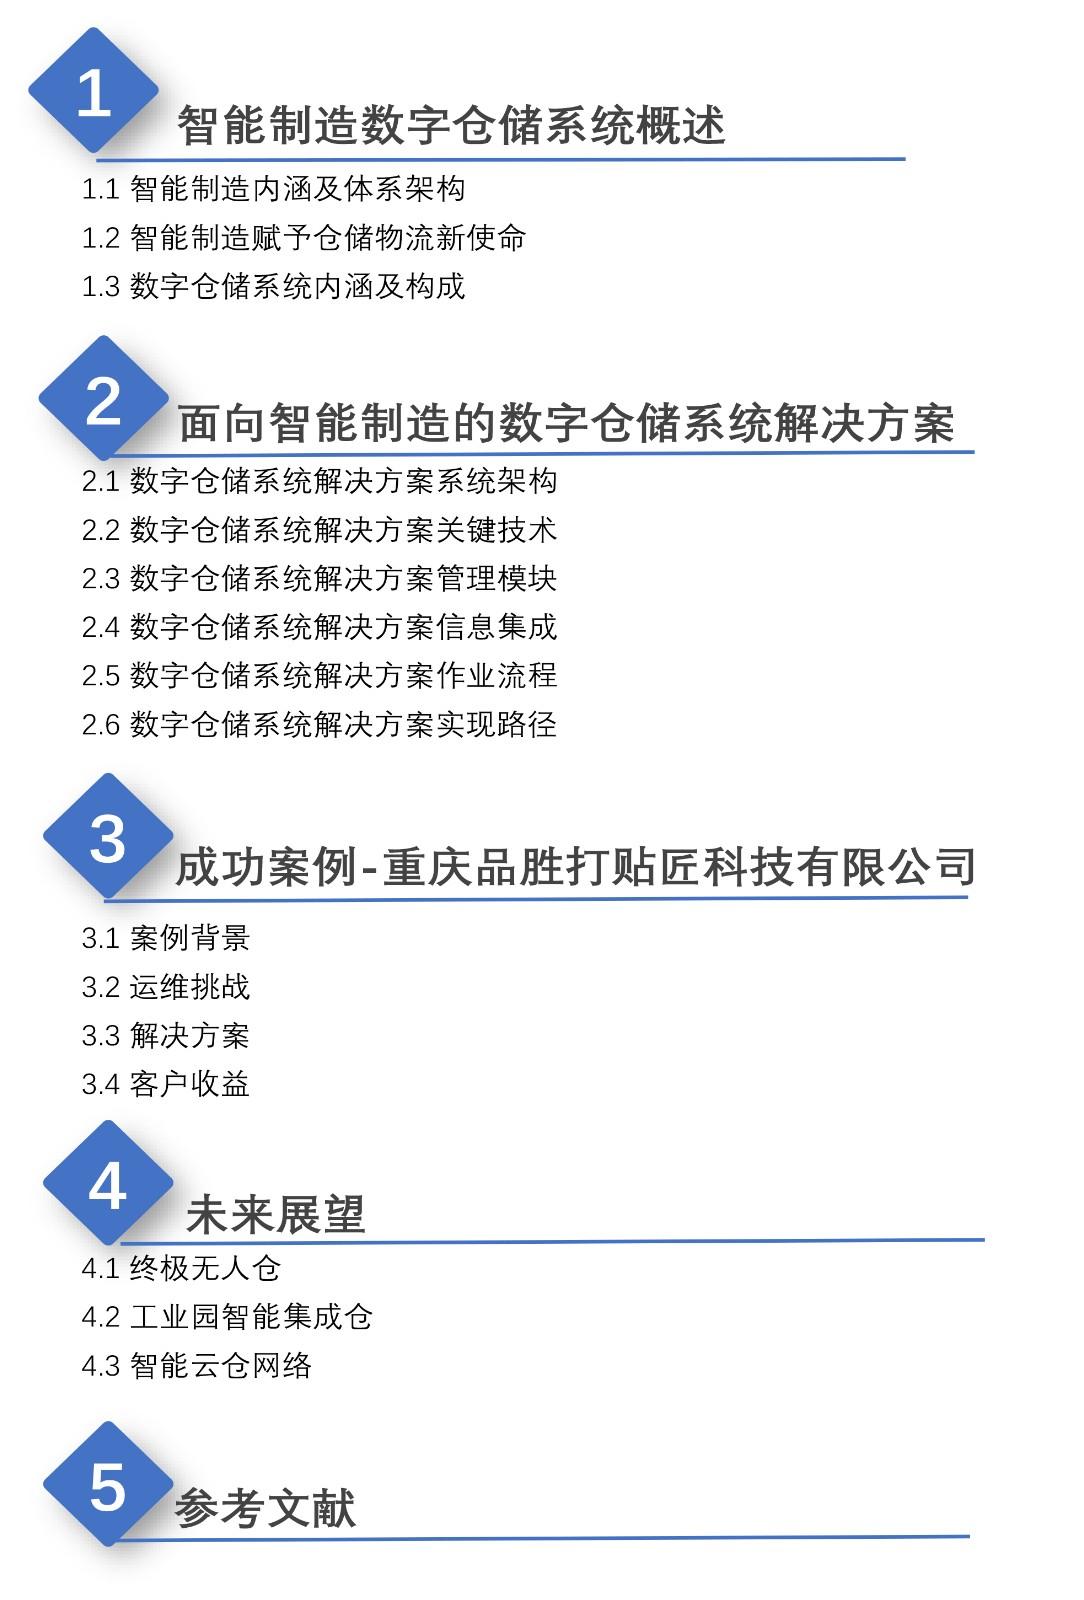 面向智能制造的数字仓储系统解决方案-白皮书V2-2 拷贝.jpg